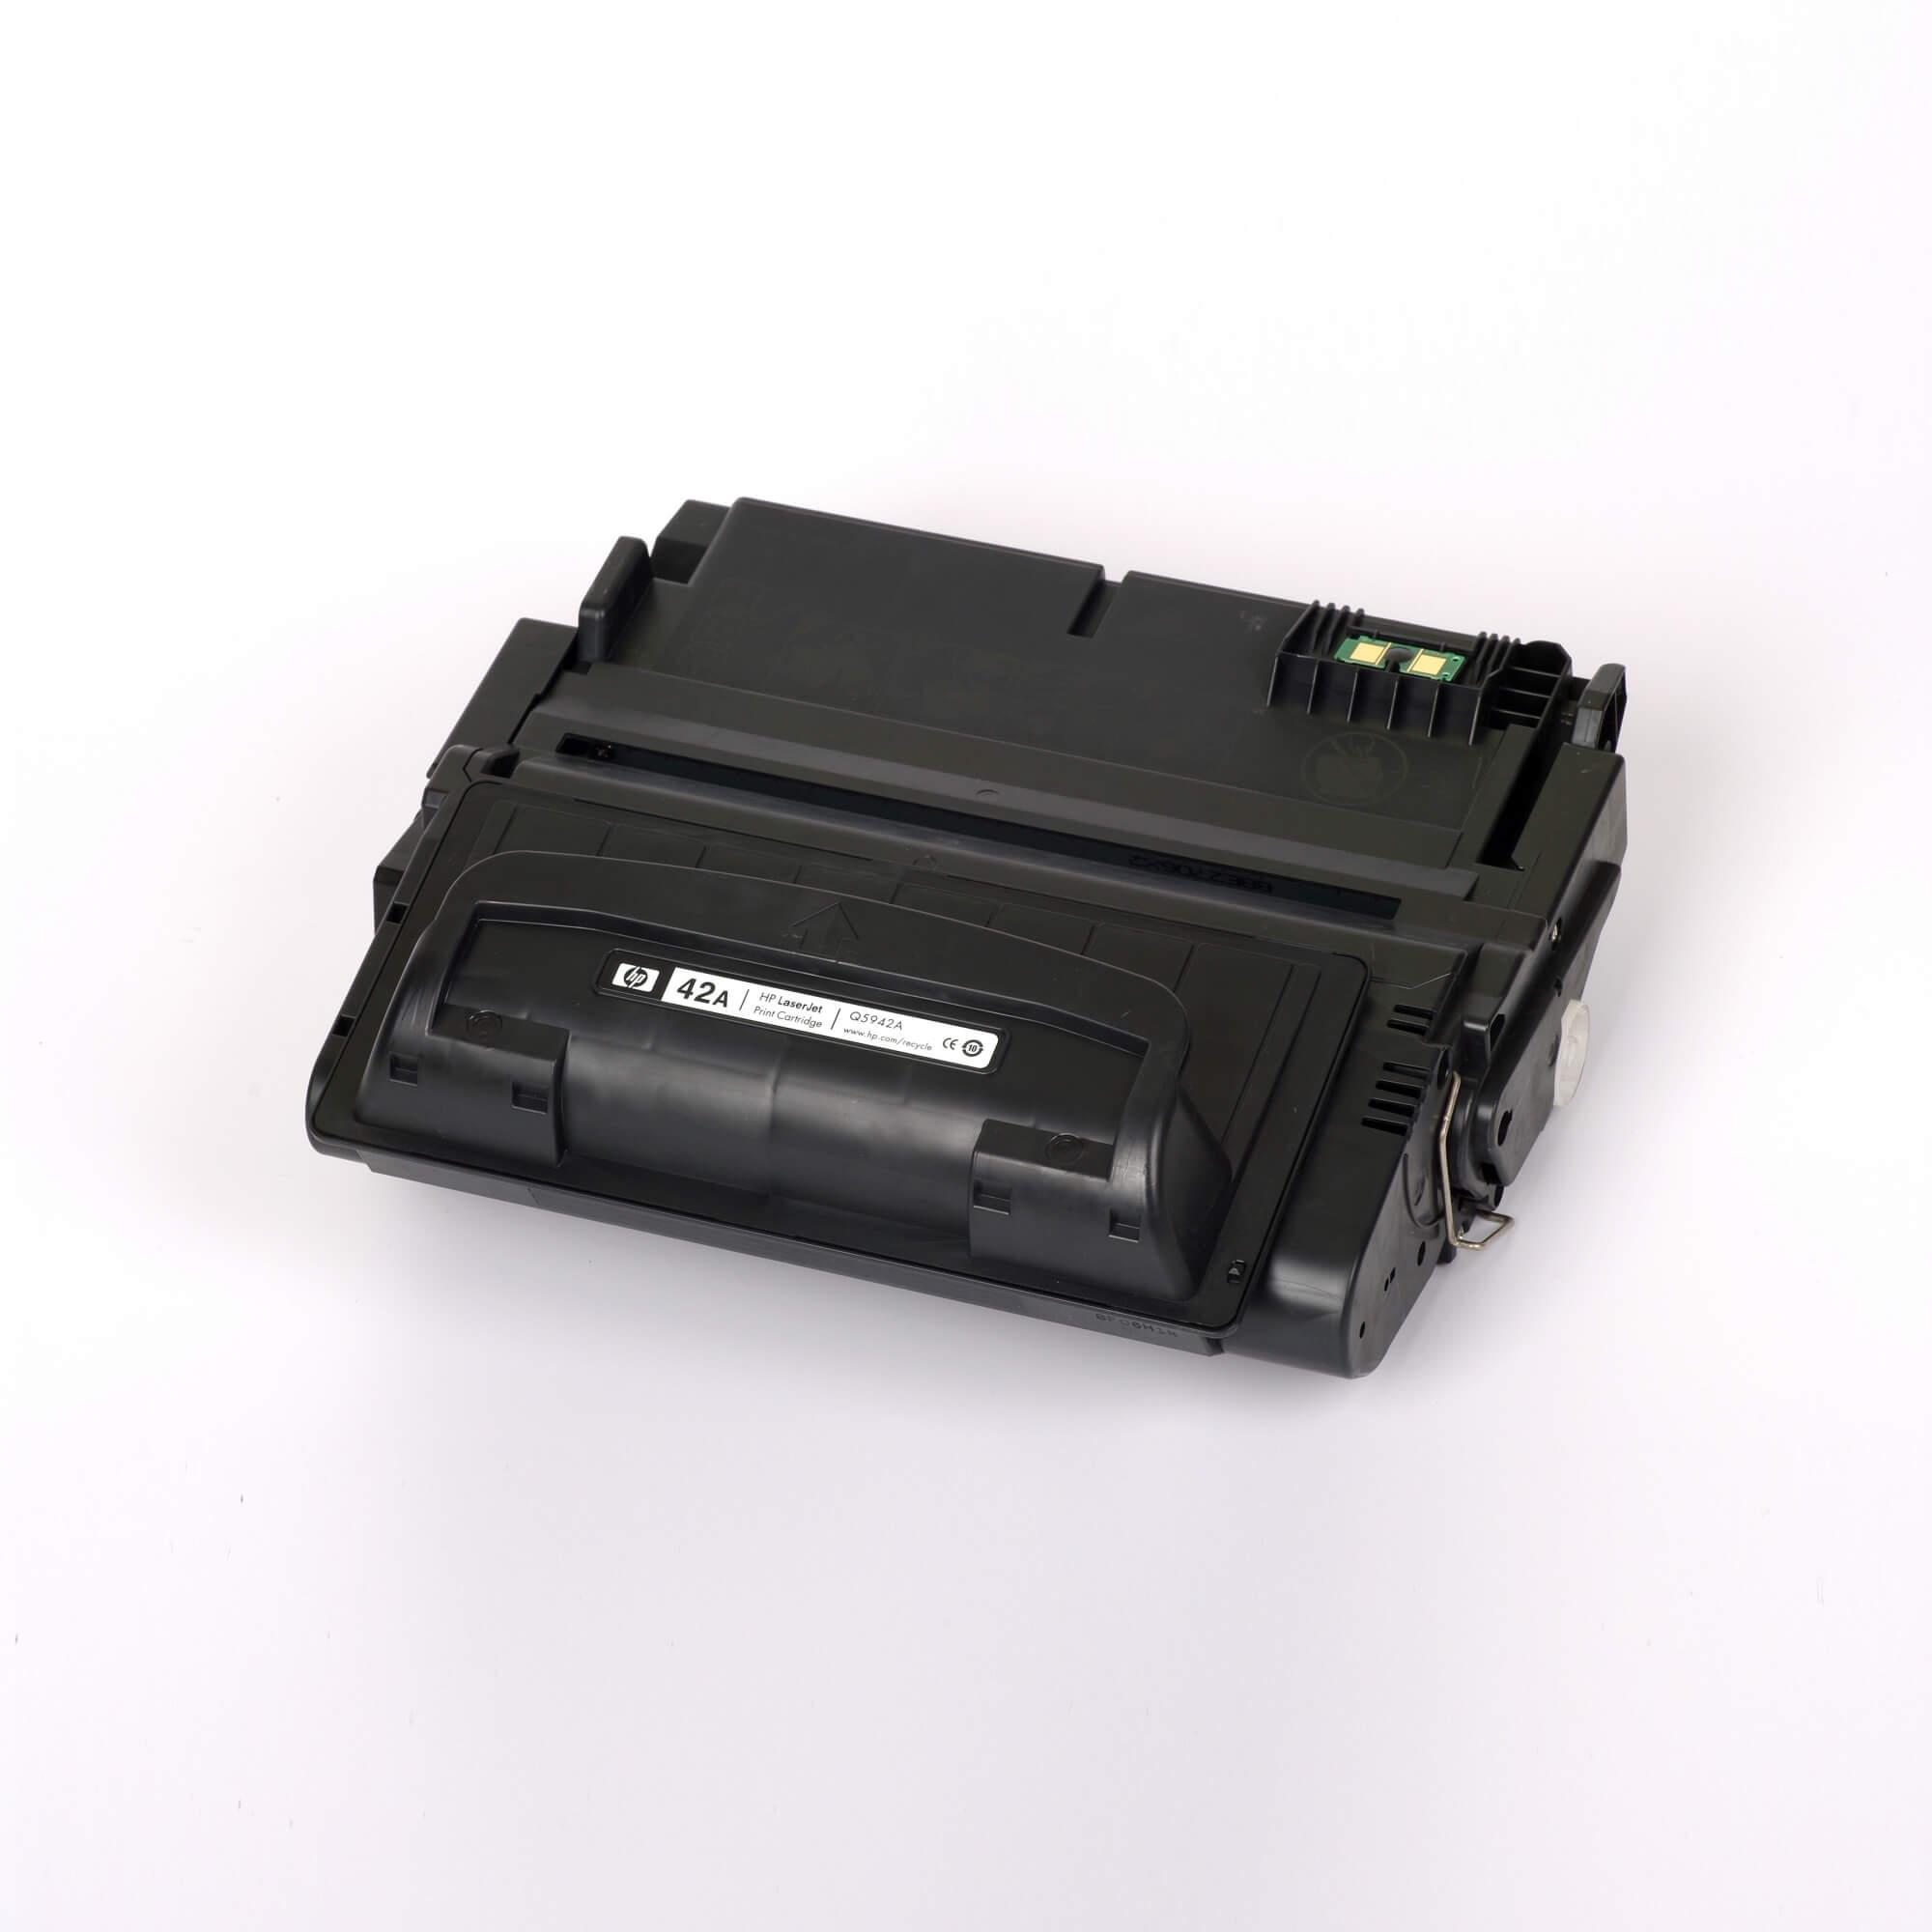 Auf dem Bild sehen Sie eine HP 42A (Q5942A) Schwarz Original HP LaserJet Tonerkartusche